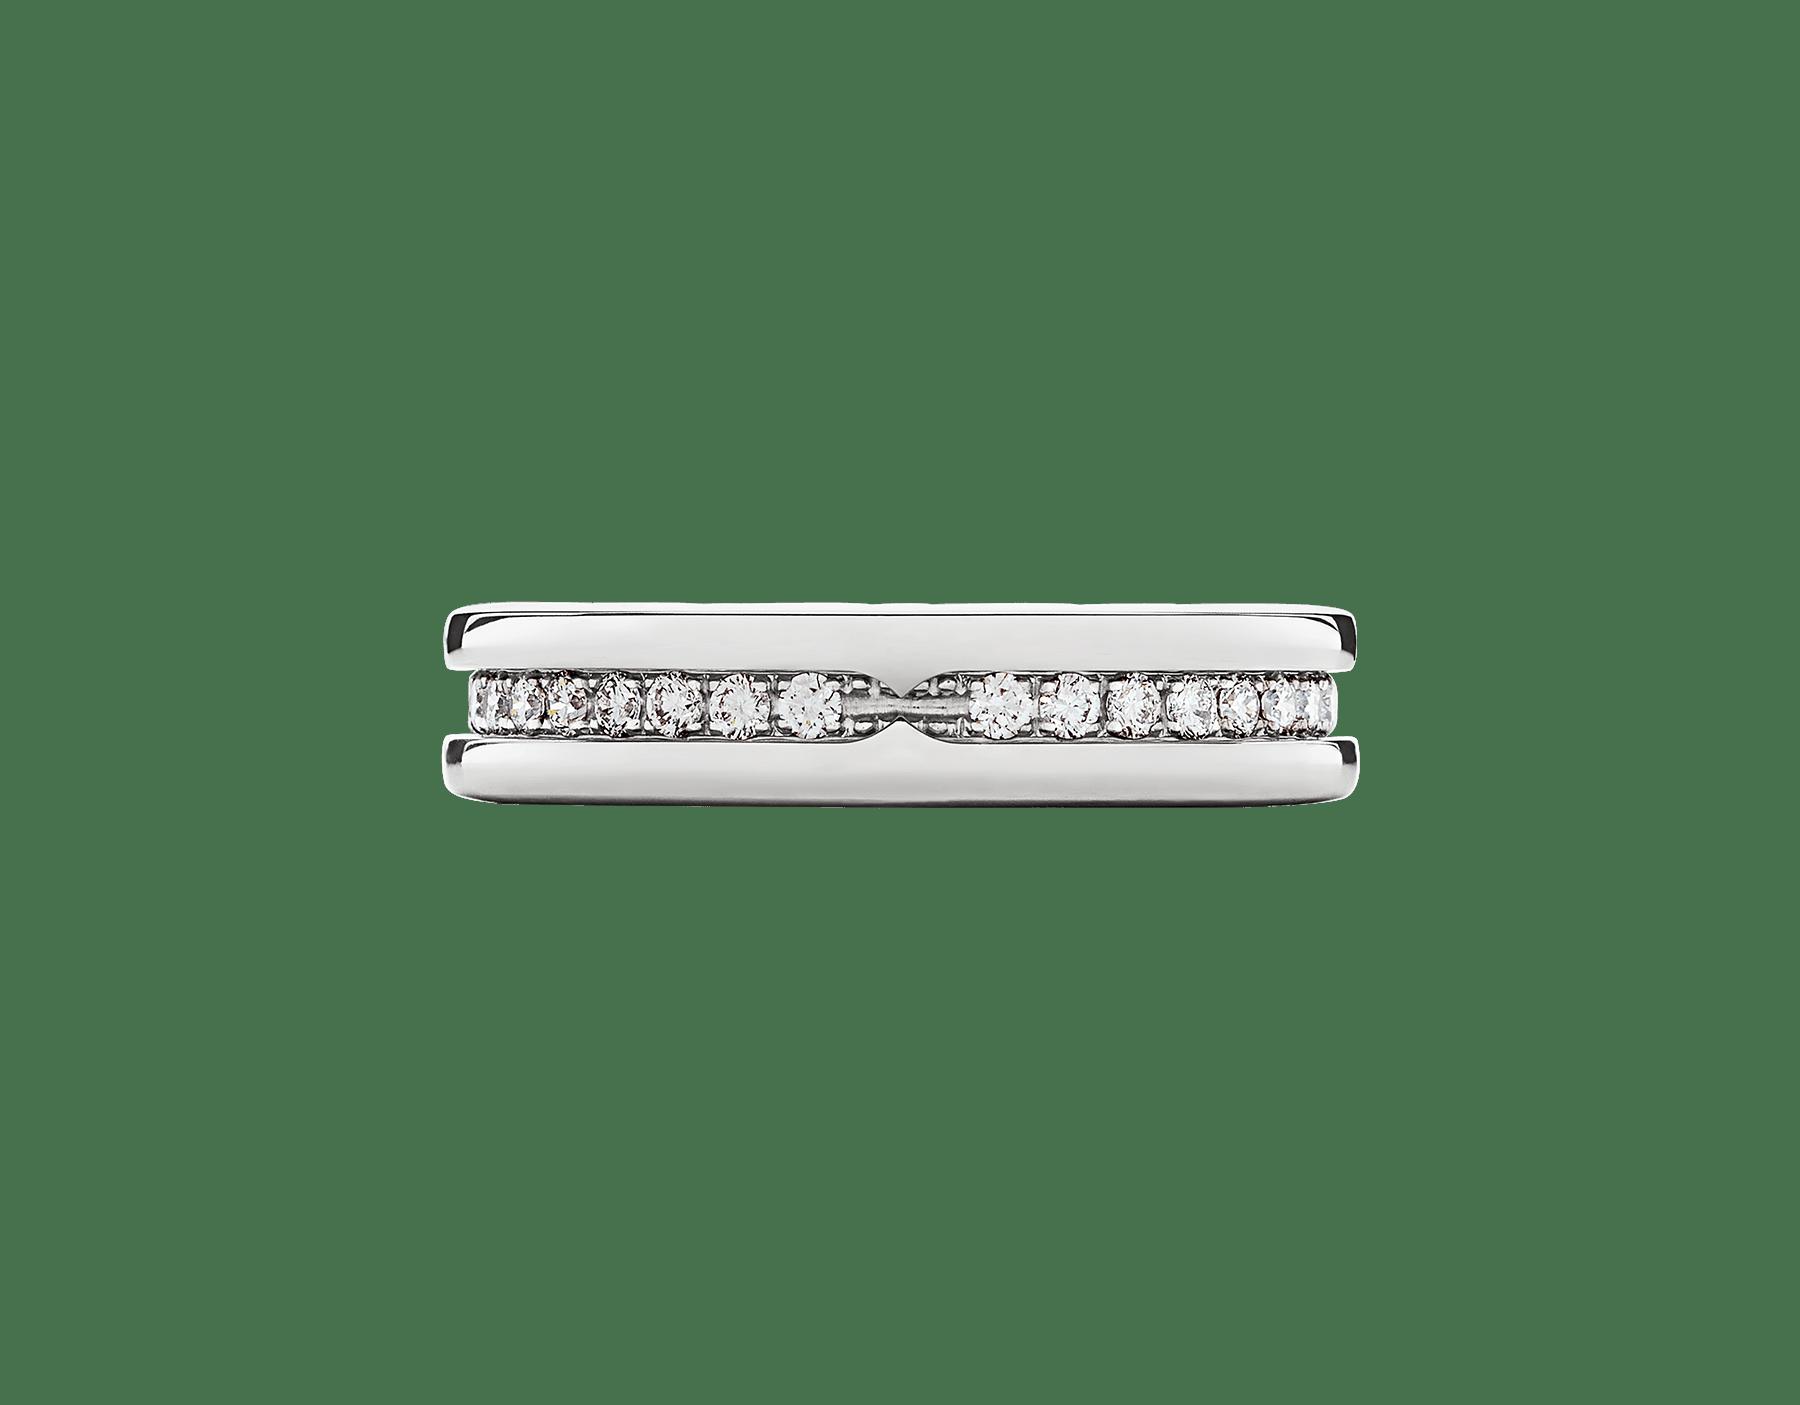 流麗な曲線が描き出す大胆な印象にパヴェダイヤモンドの貴さが融合したビー・ゼロワン リング。その多彩な精神と現代的なエレガンスを映し出します。 B-zero1-1-bands-AN850656 image 3